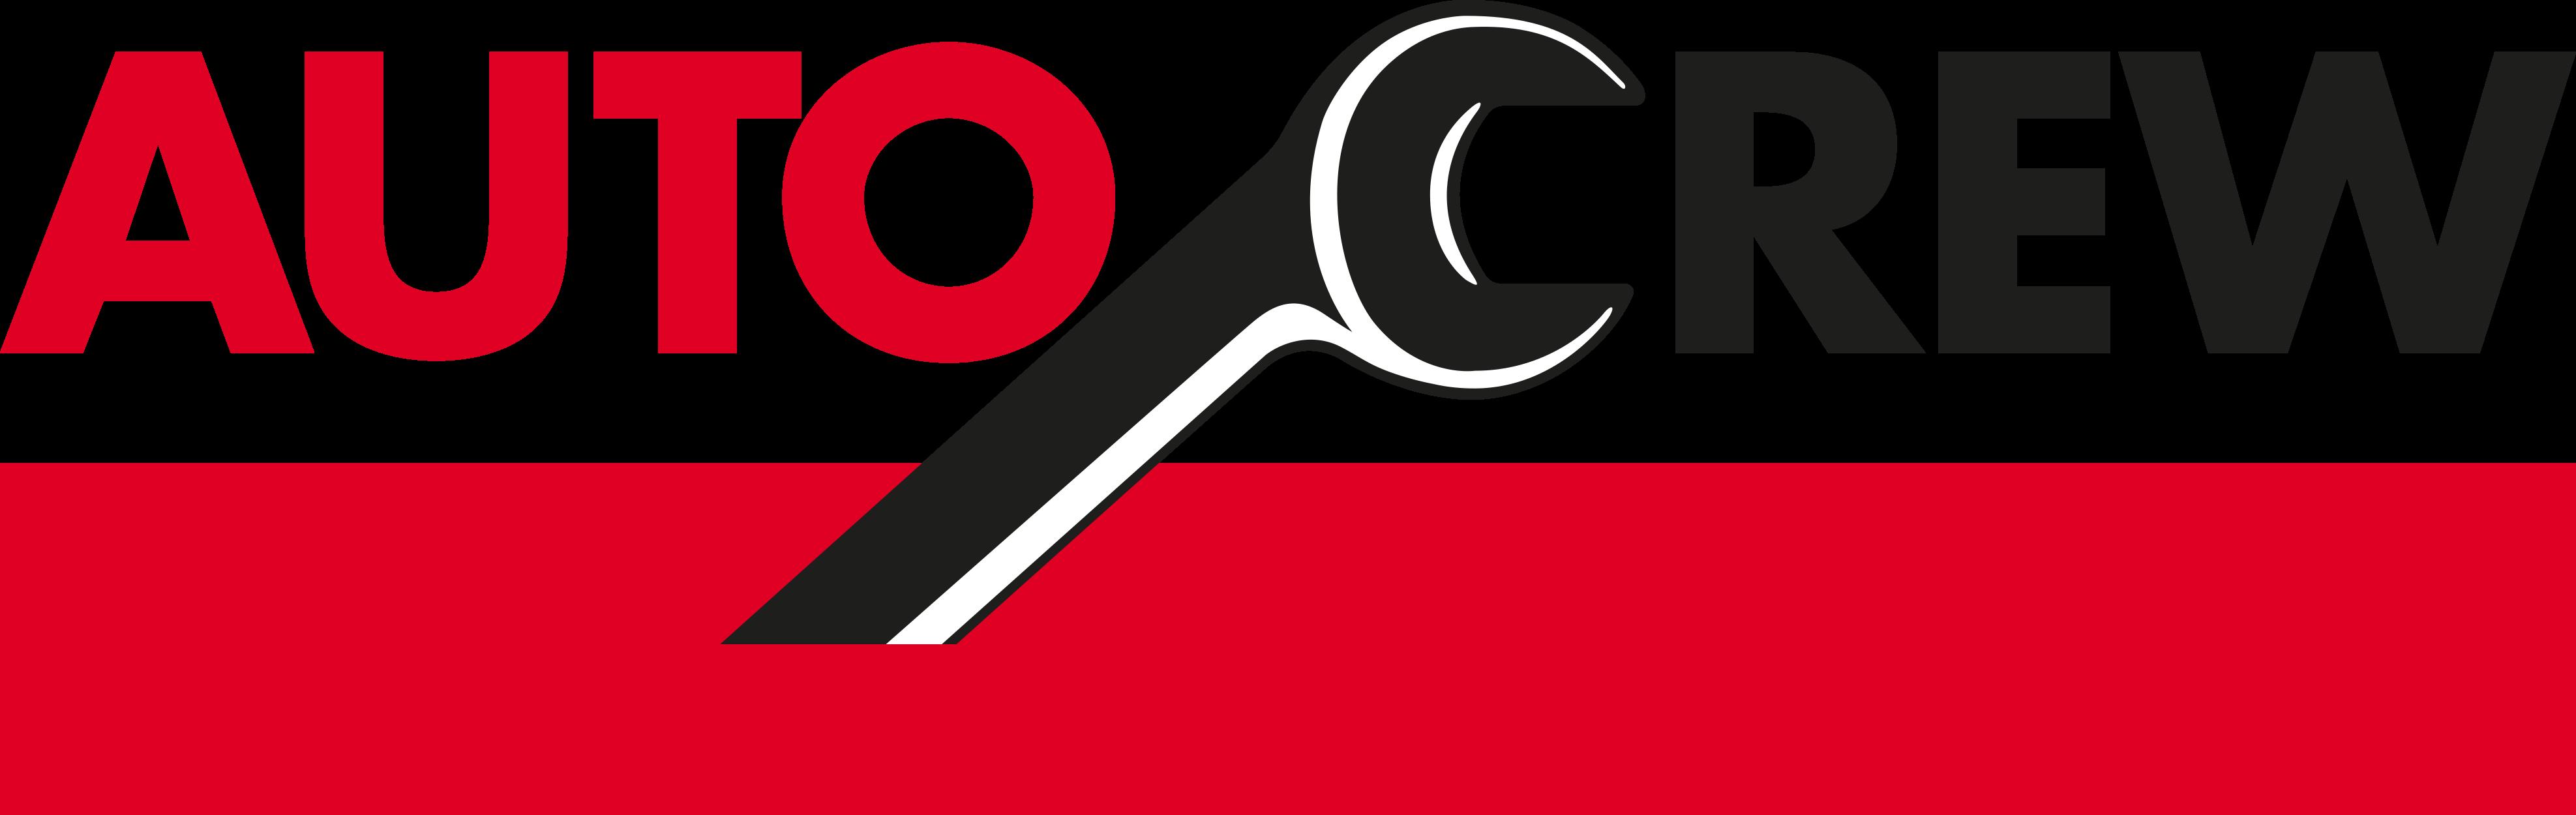 Van Schellen AutoCrew - PM3O